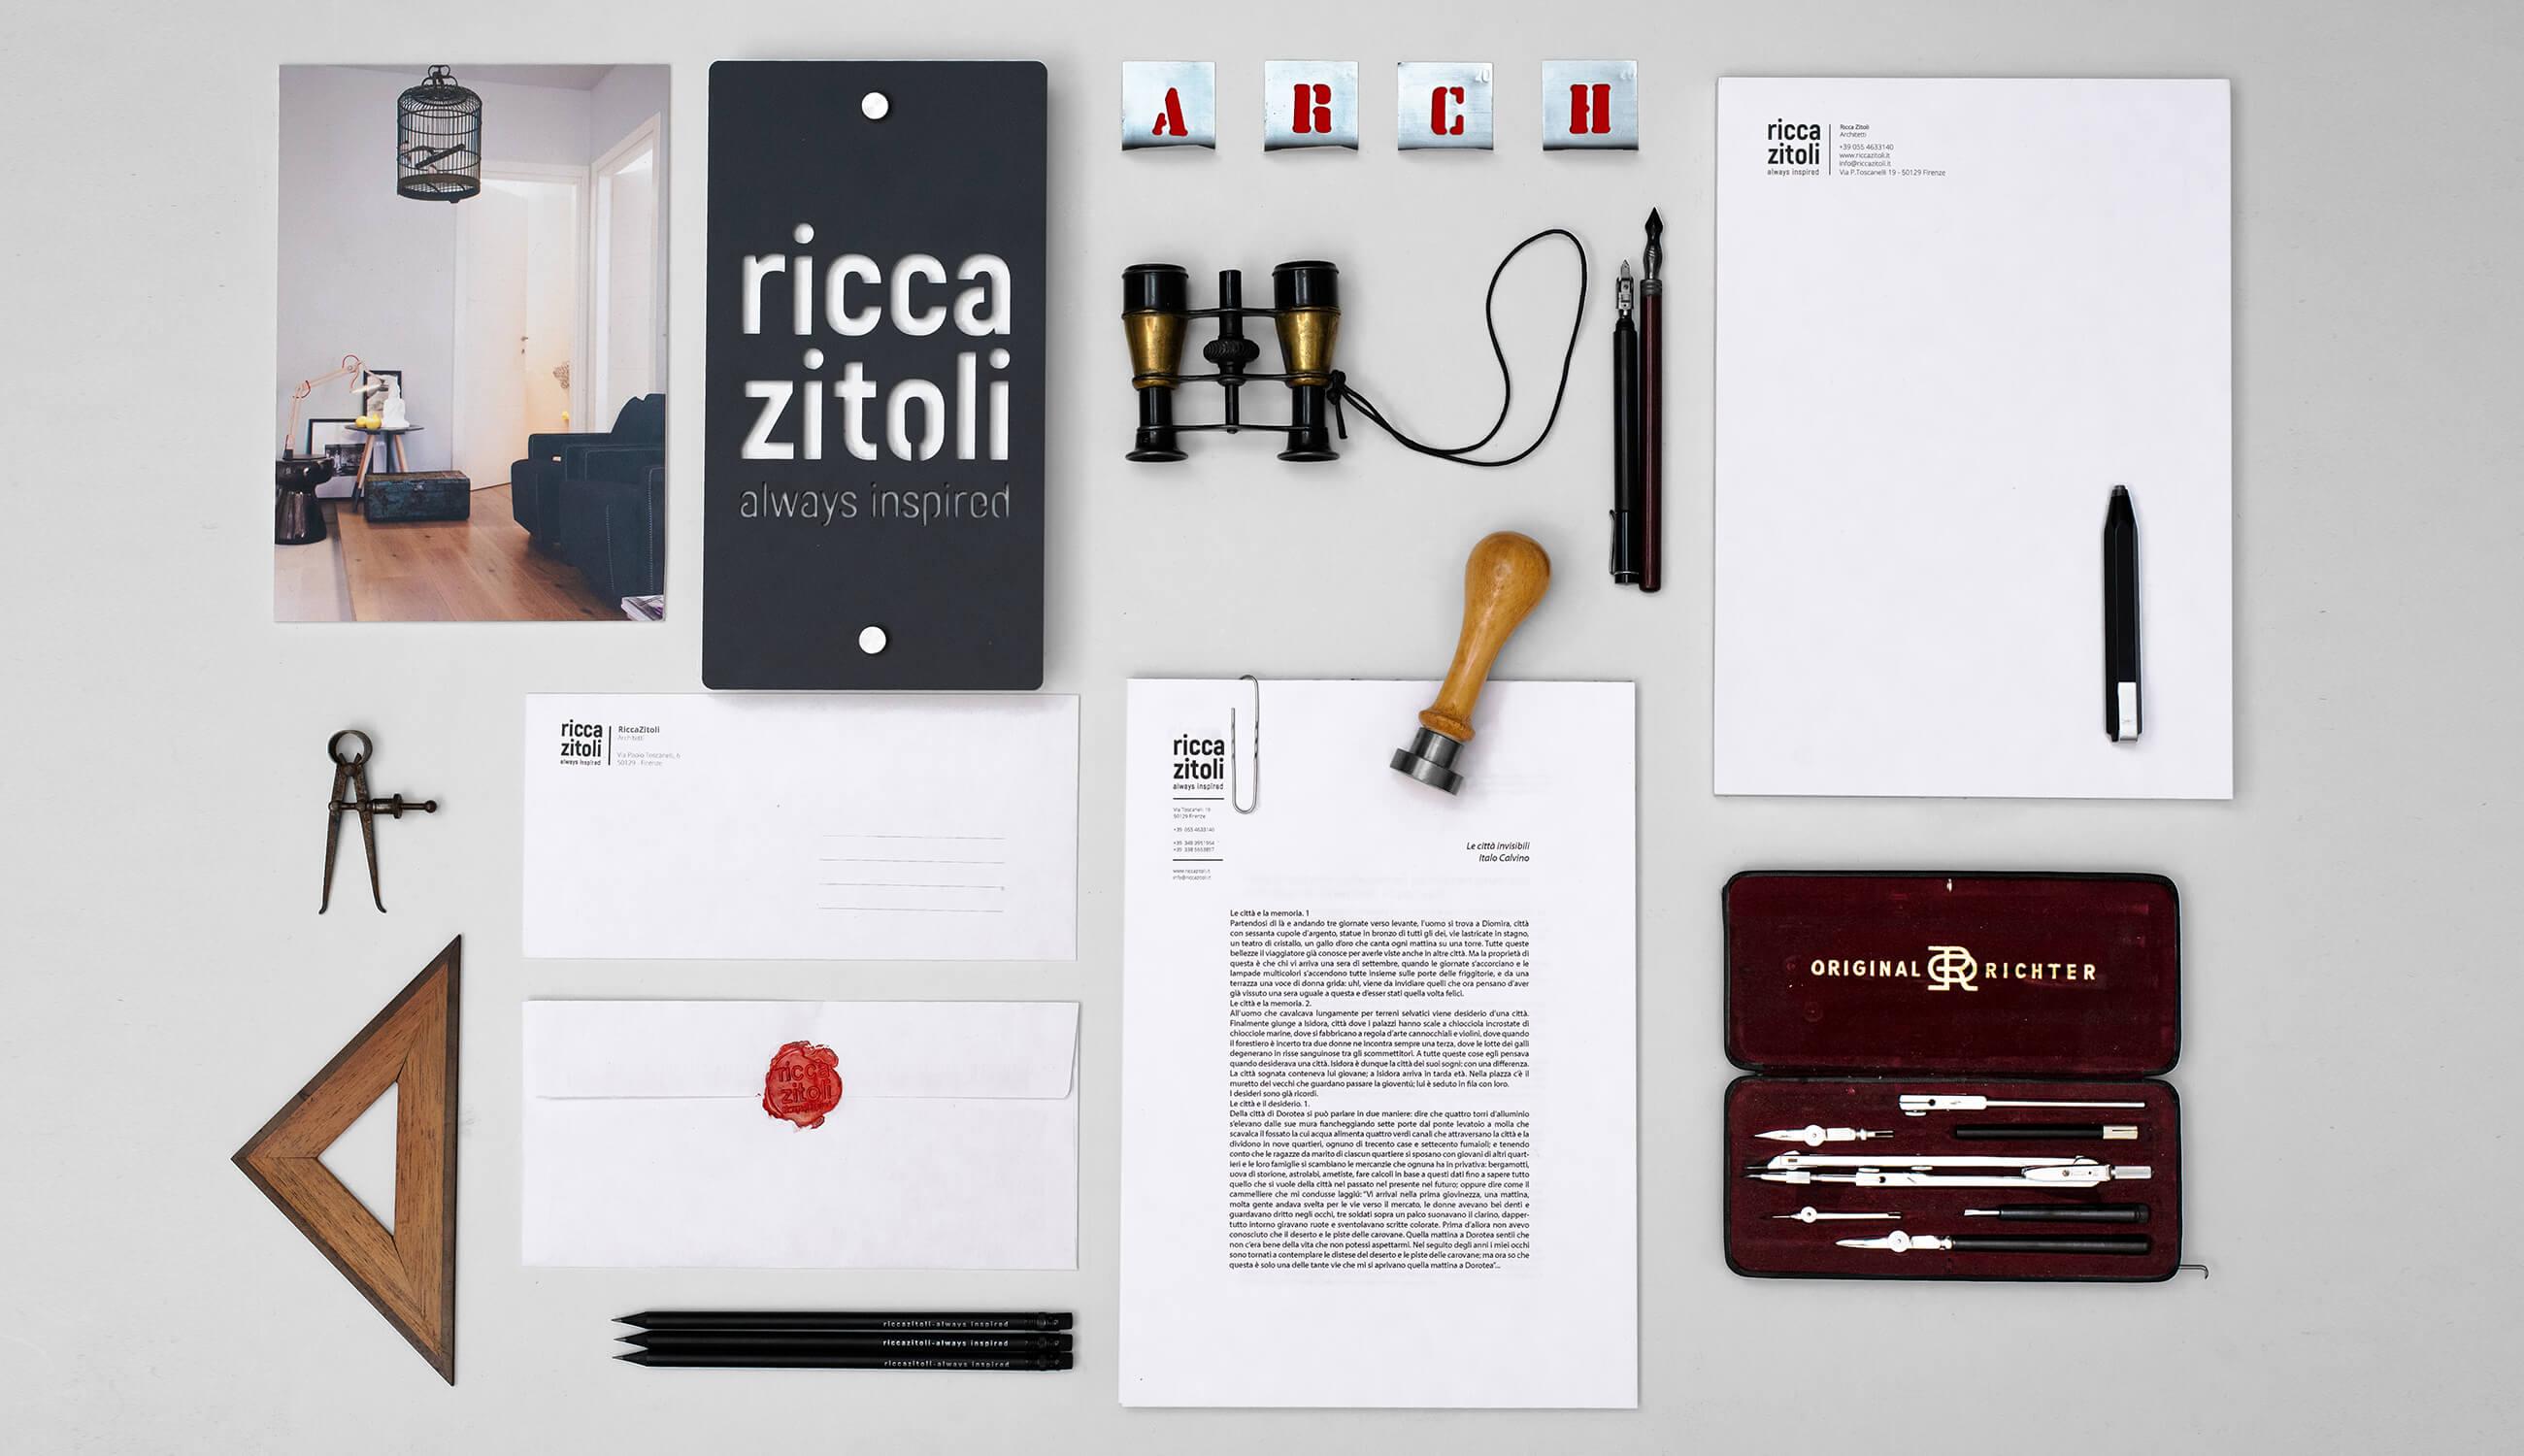 ricca zitoli - always inspired